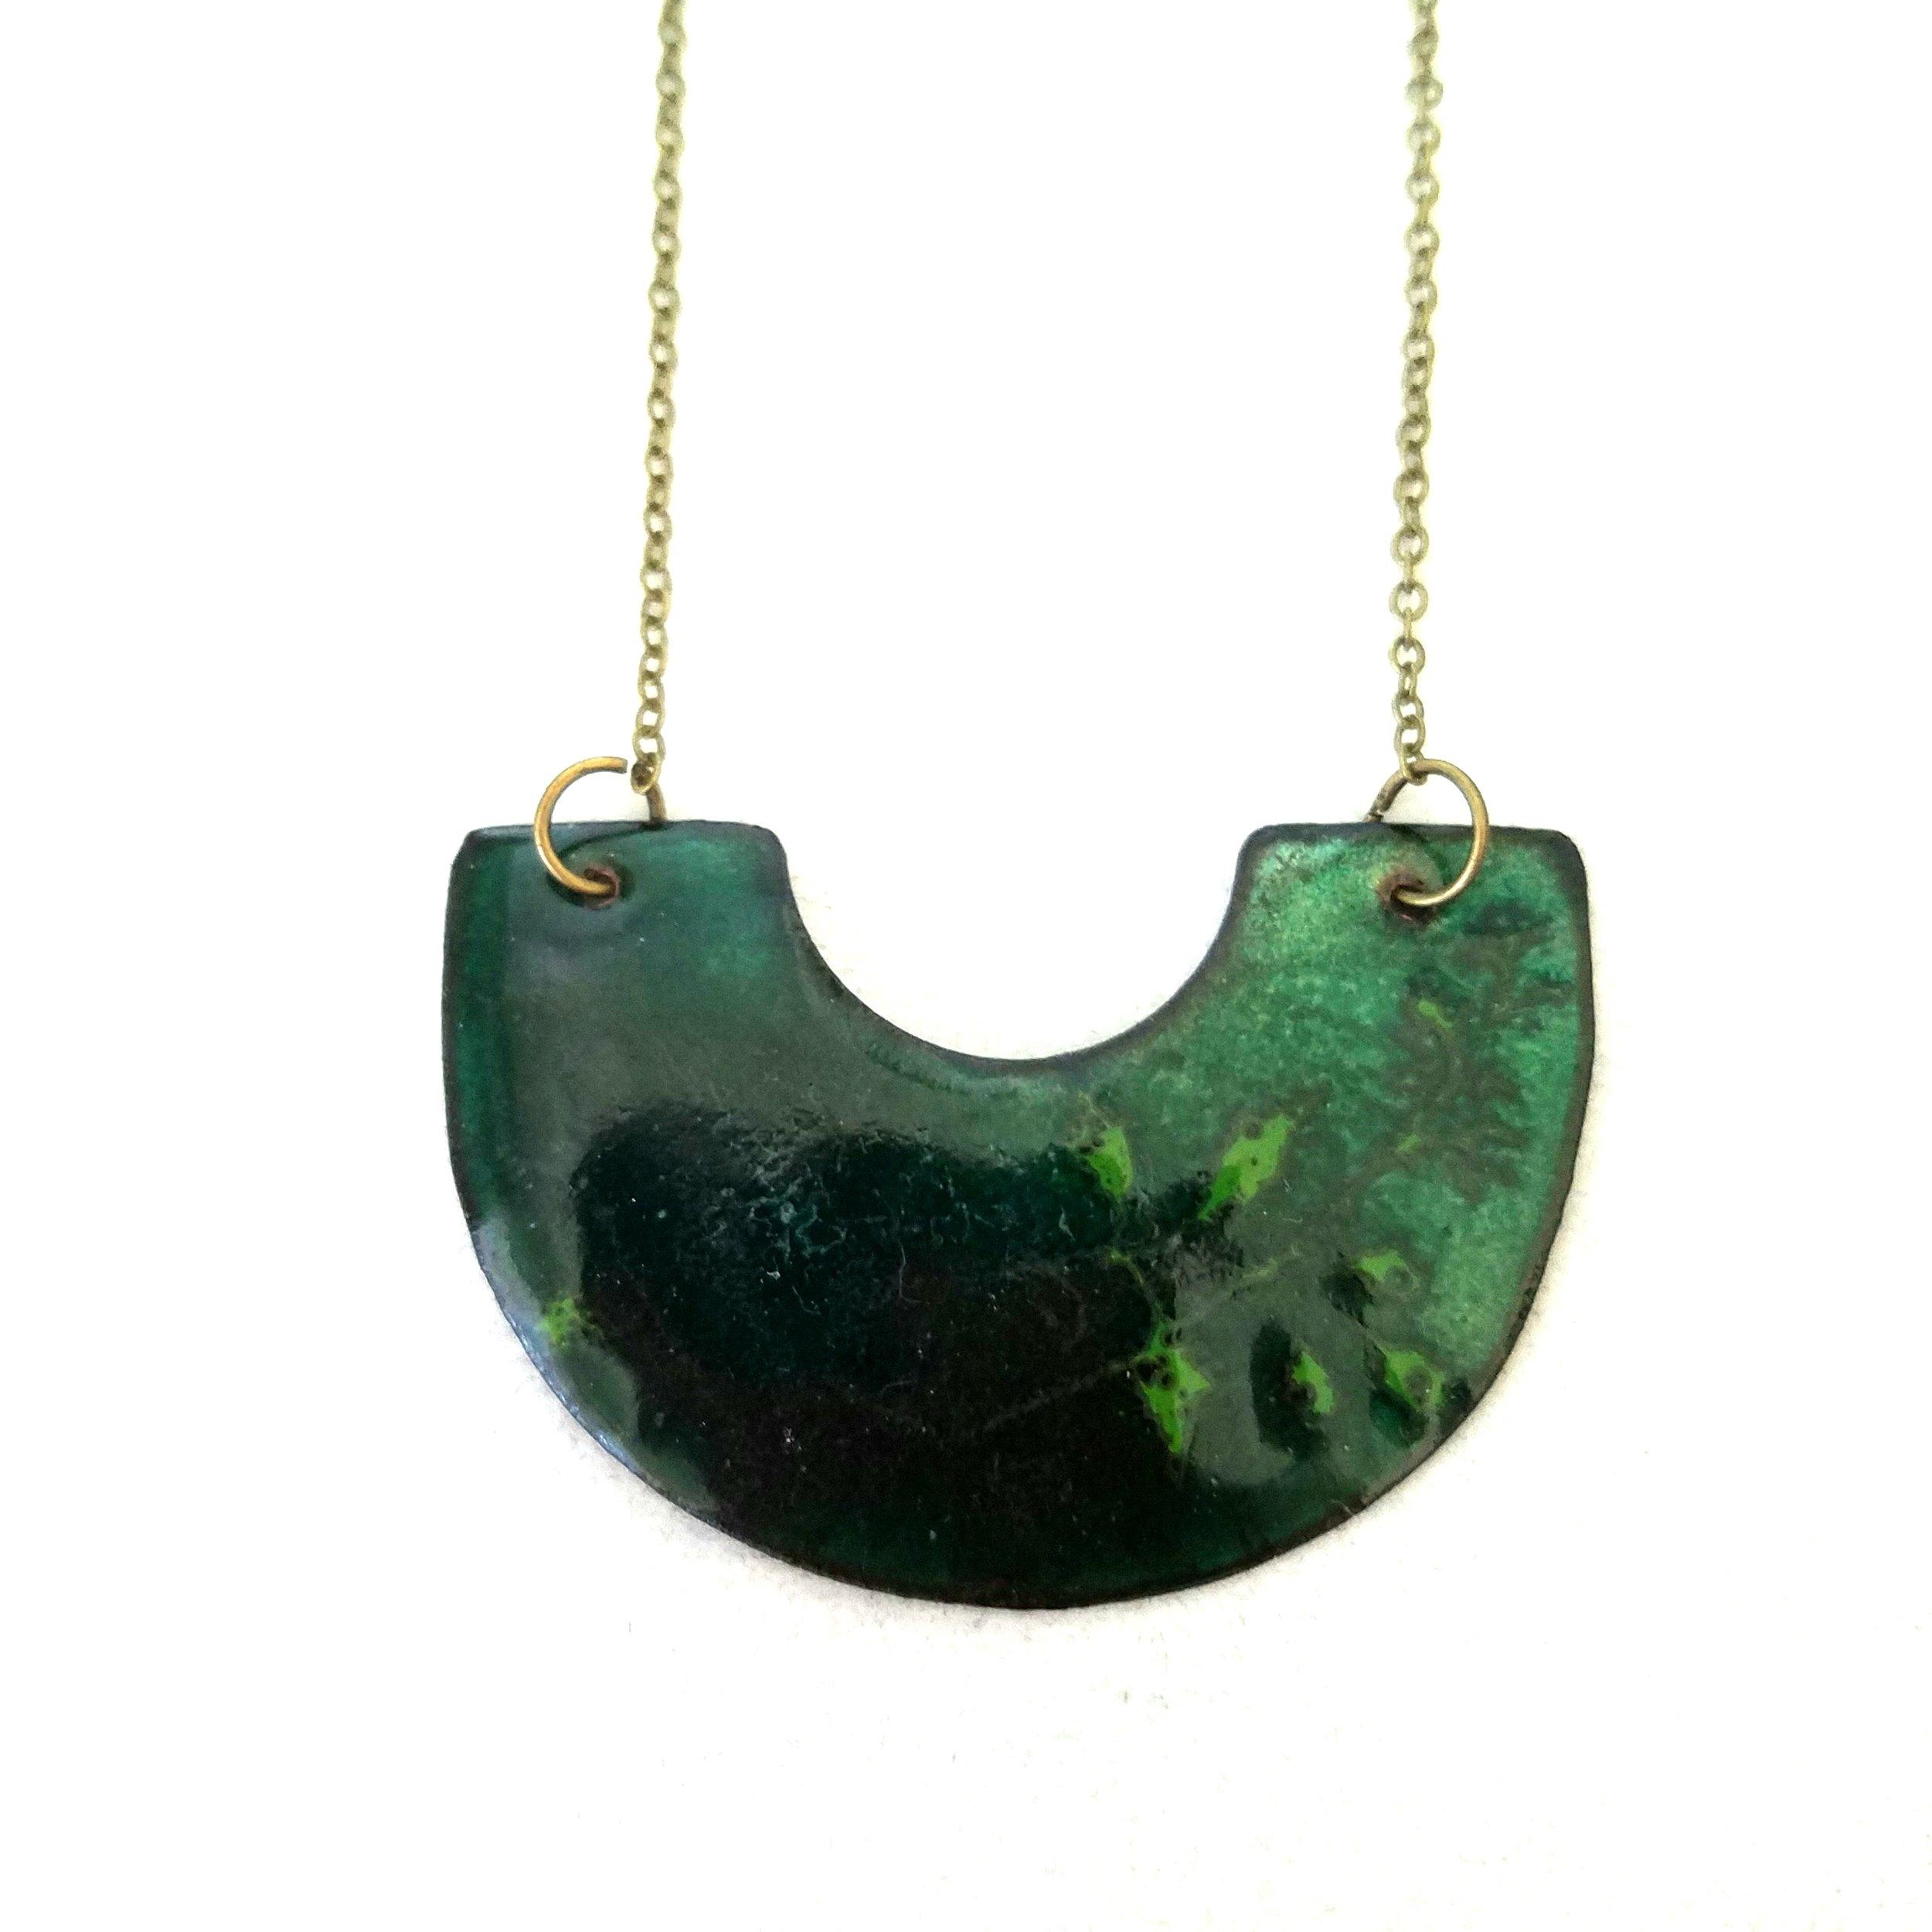 green enamel pendant.jpg